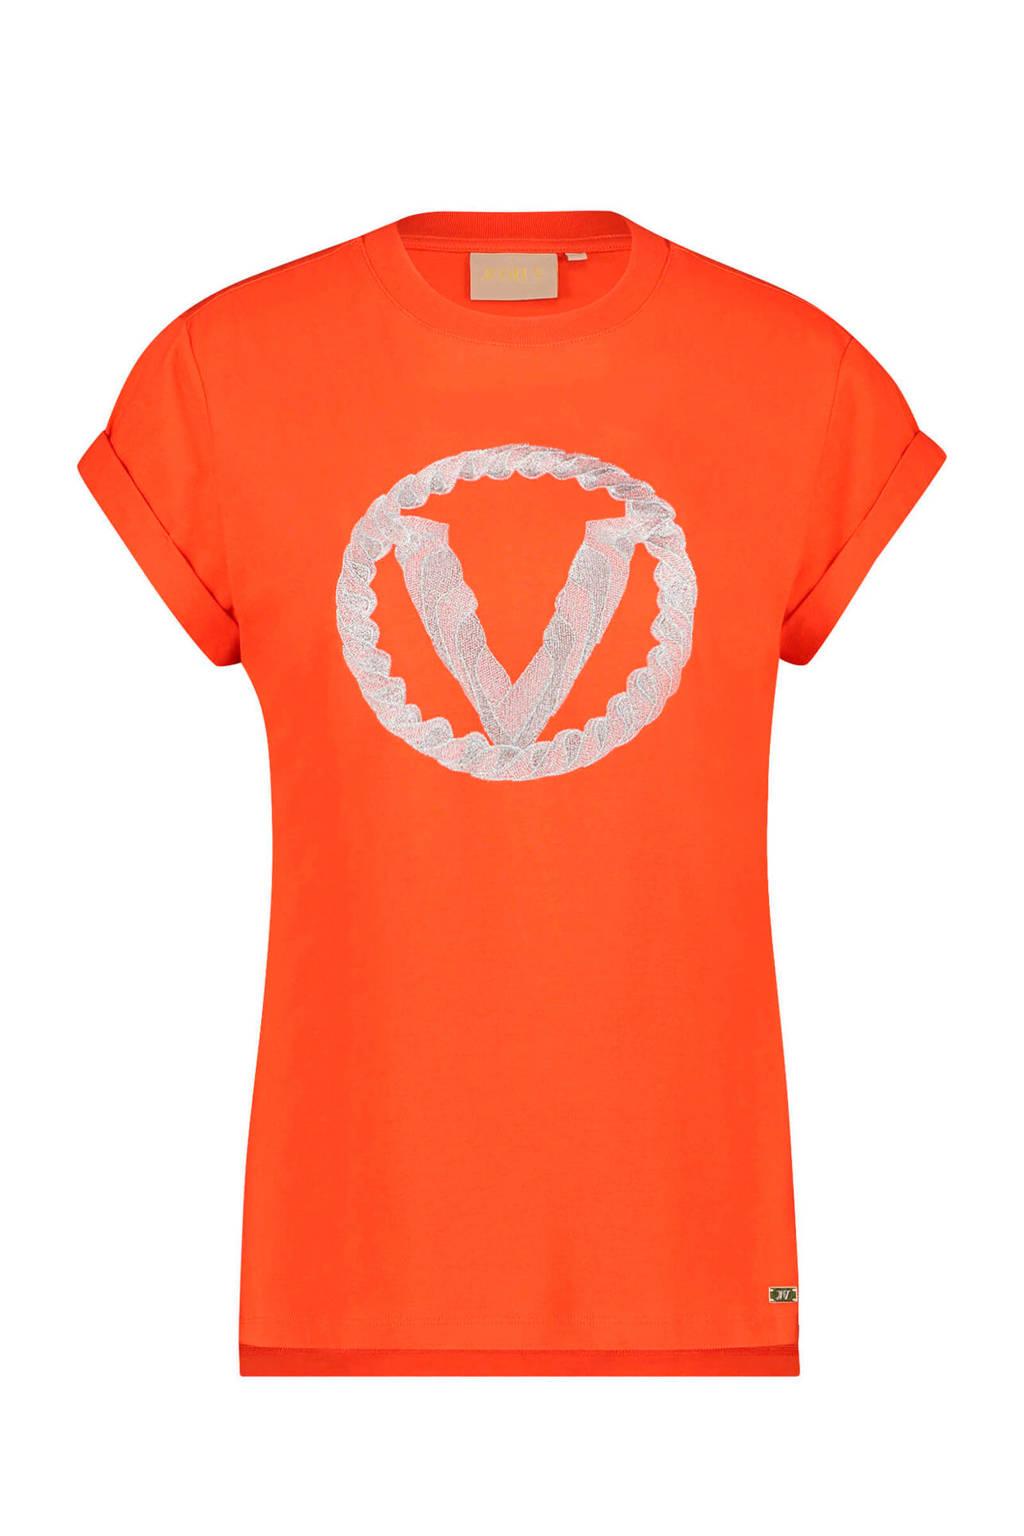 JOSH V Dora T-shirt oranjerood, Oranjerood